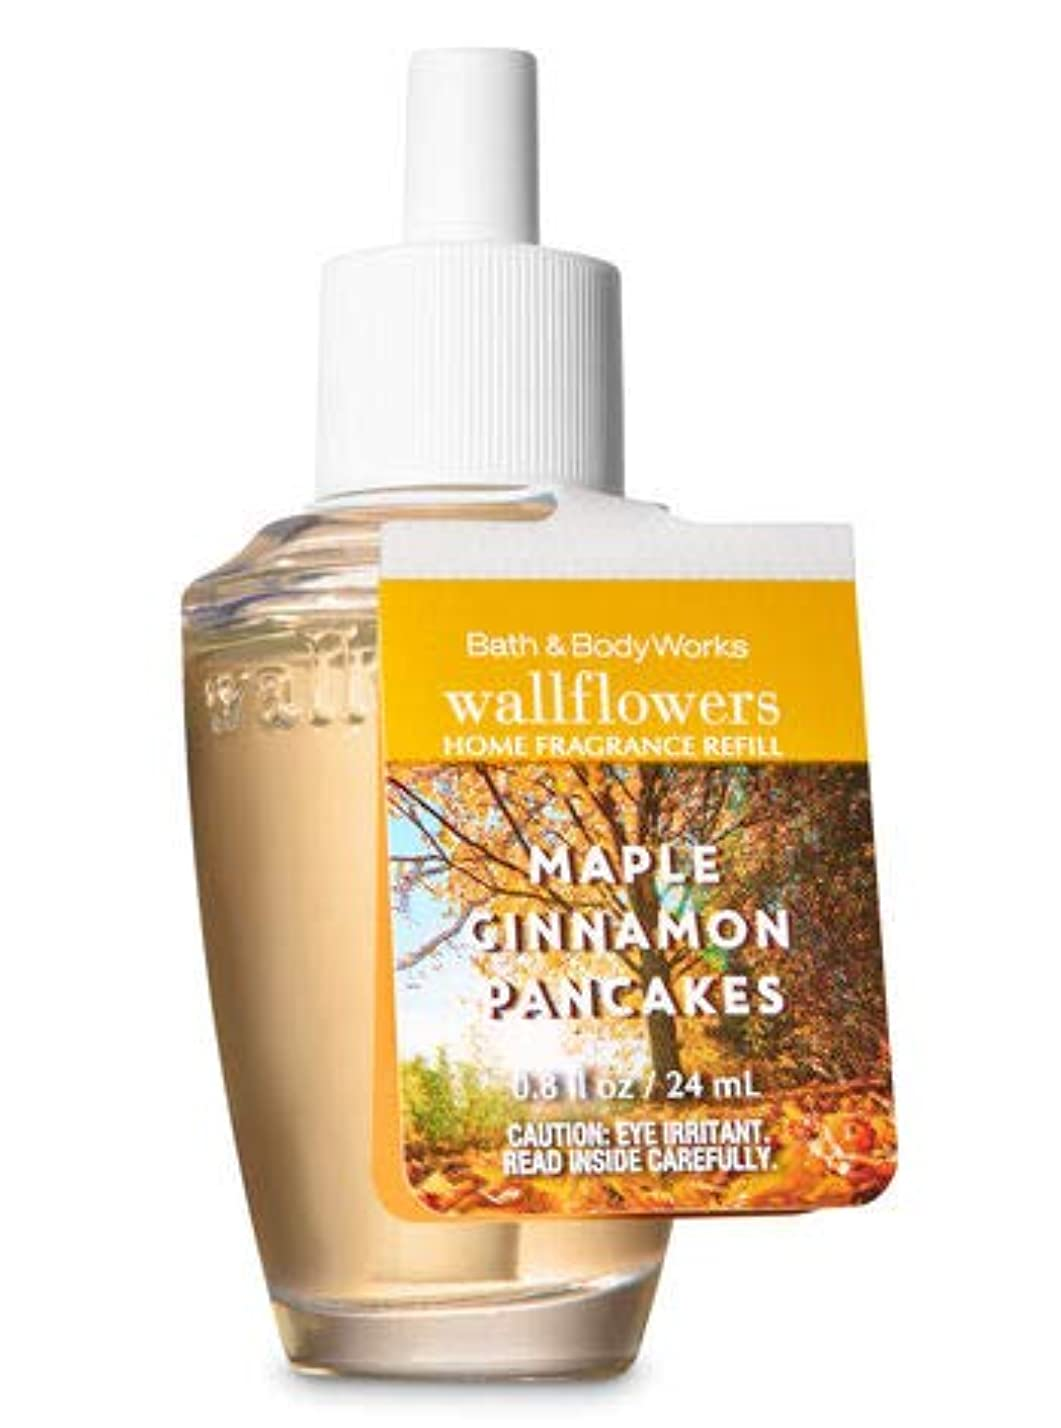 生きるコンテンツ道【Bath&Body Works/バス&ボディワークス】 ルームフレグランス 詰替えリフィル メープルシナモンパンケーキ Wallflowers Home Fragrance Refill Maple Cinnamon Pancakes [並行輸入品]